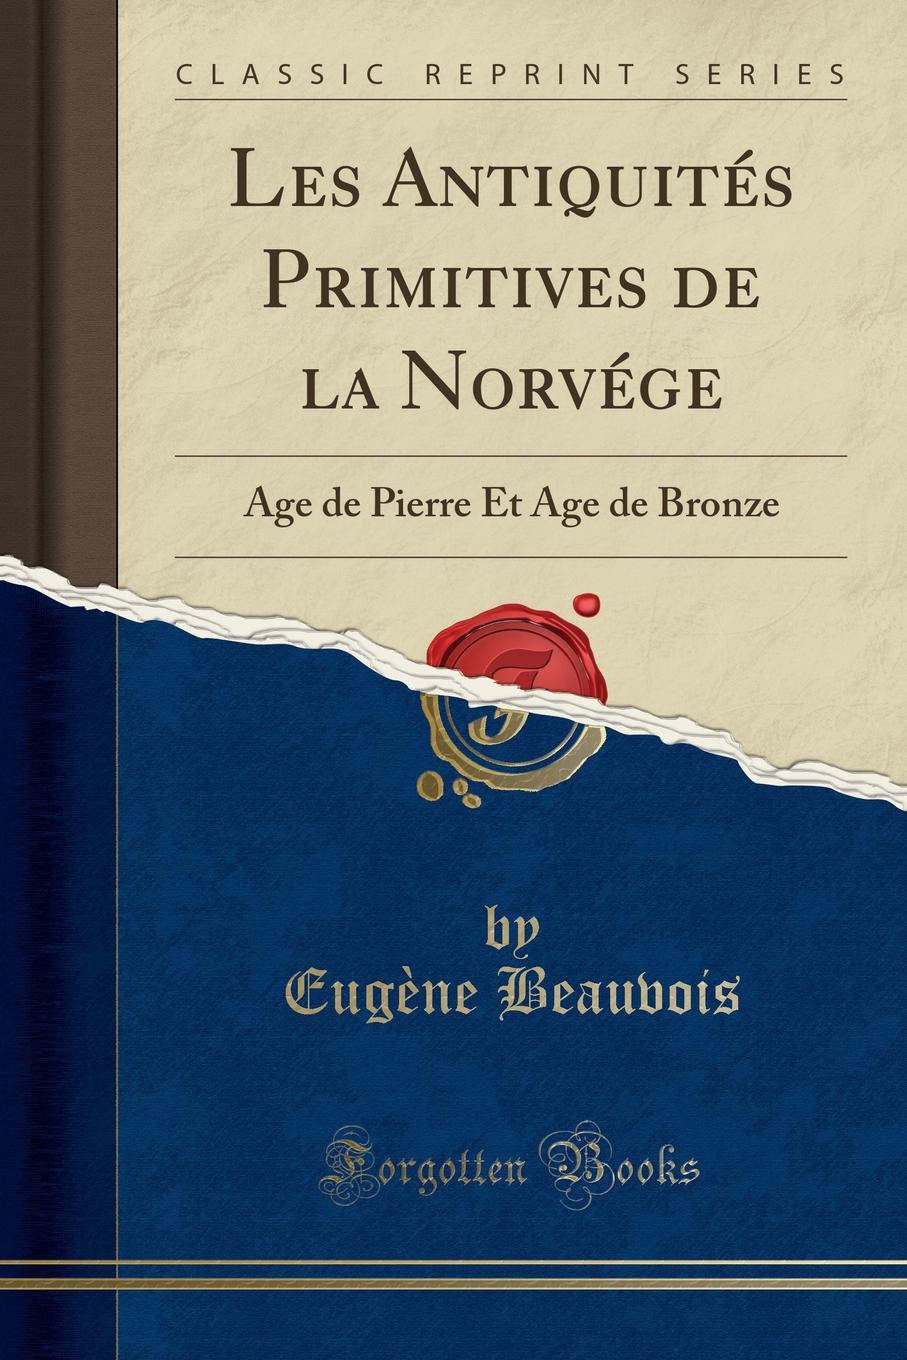 лучшая цена Eugène Beauvois Les Antiquites Primitives de la Norvege. Age de Pierre Et Age de Bronze (Classic Reprint)